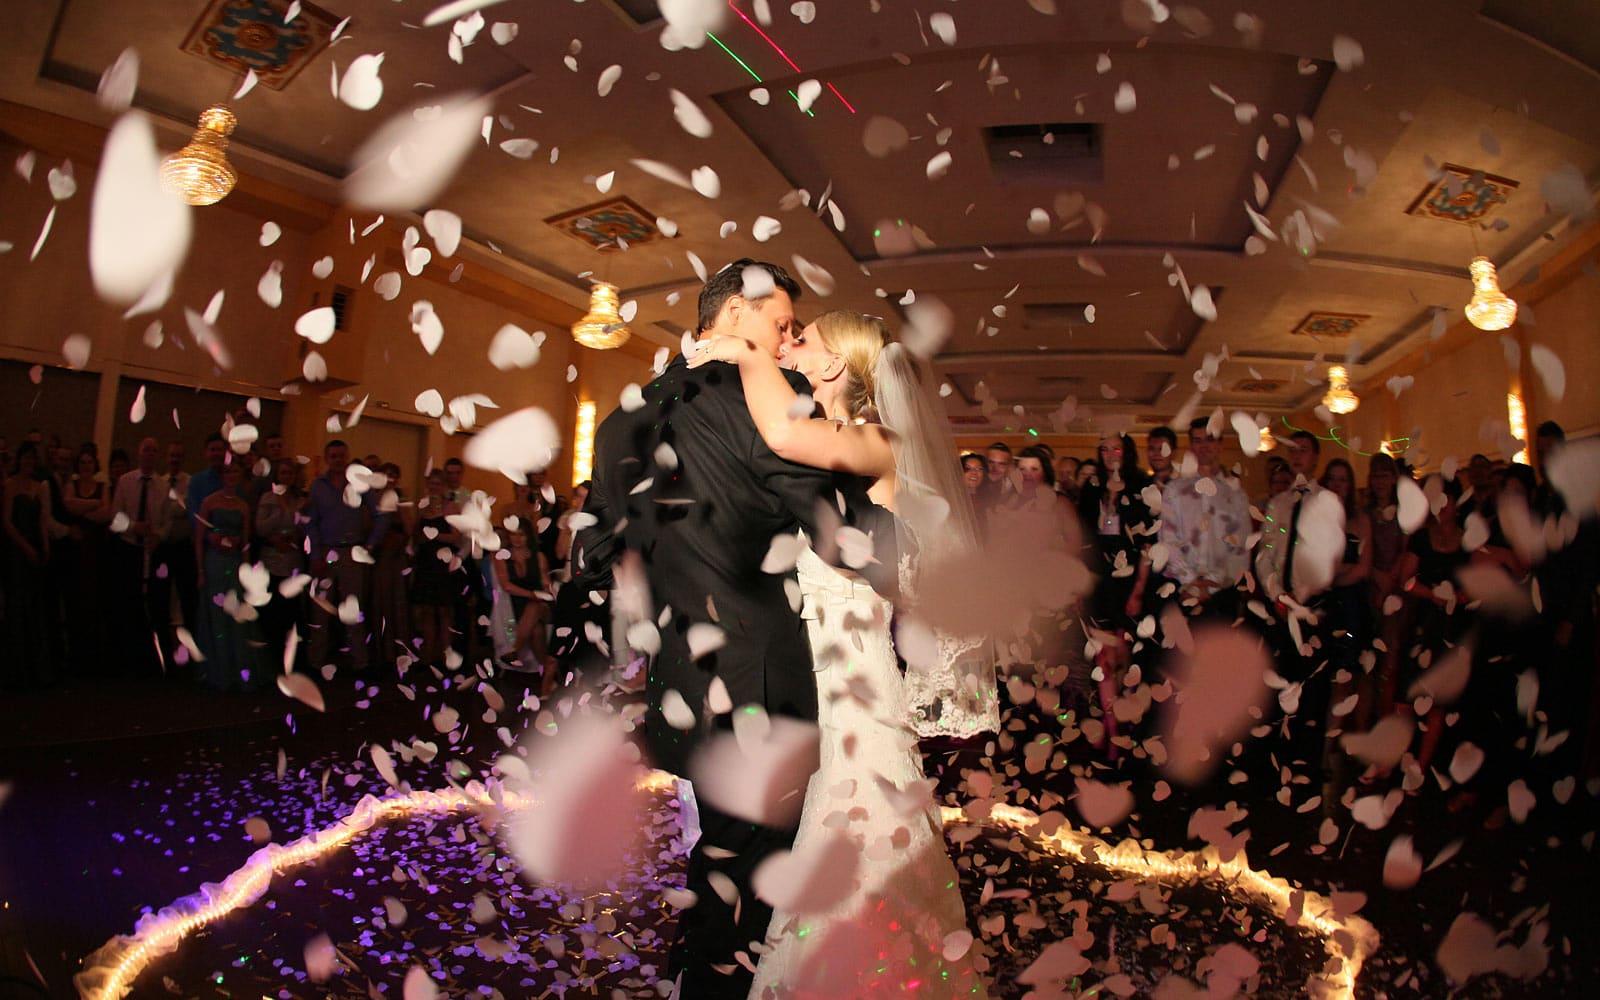 свадебные фотографы гамбург после забоя скота